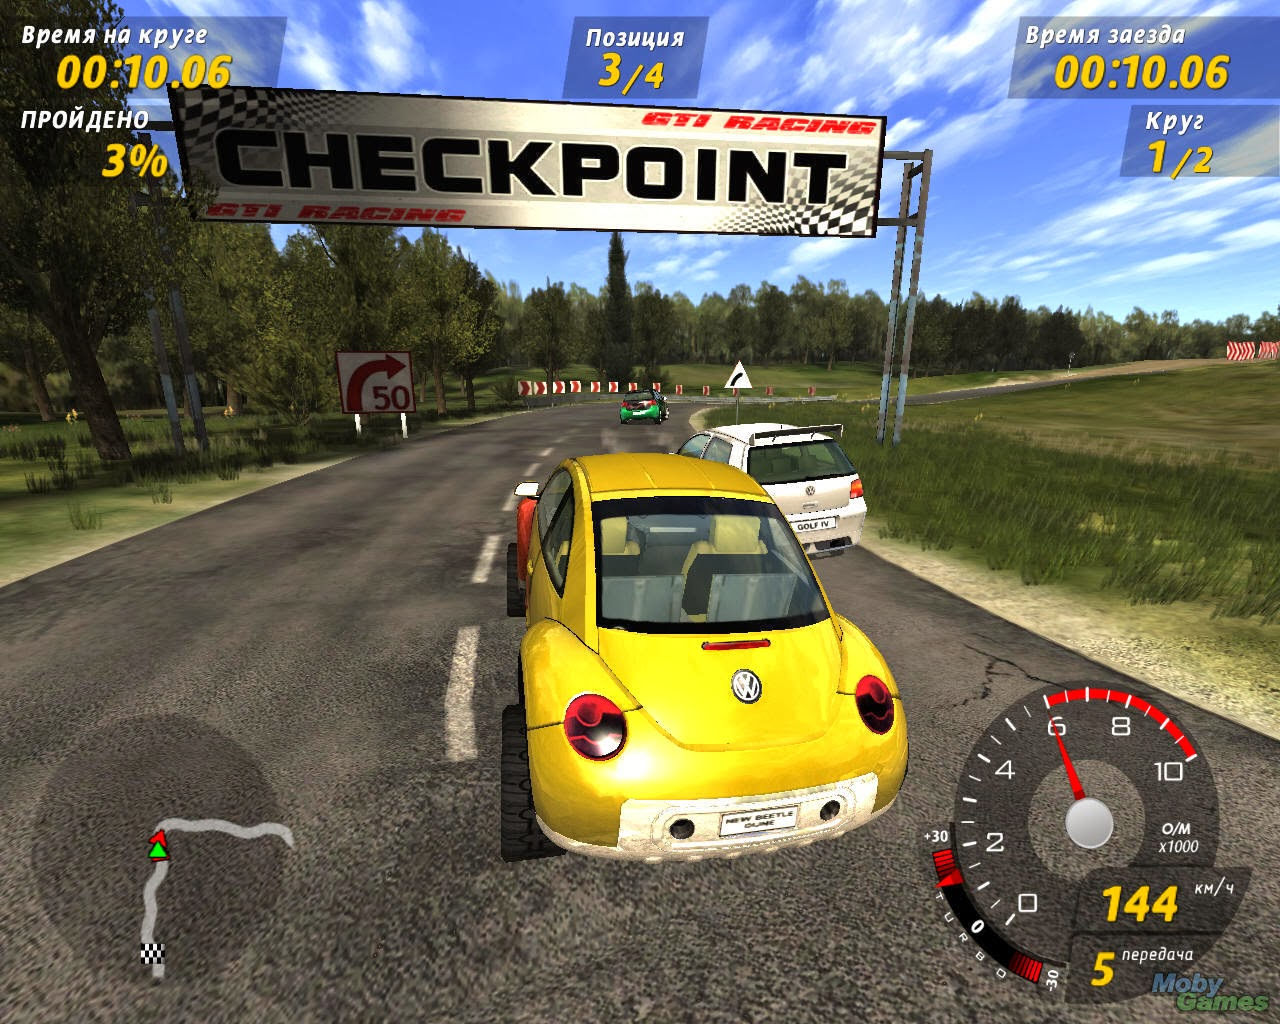 Скачать игру gti racing для pc через торрент gamestracker. Org.